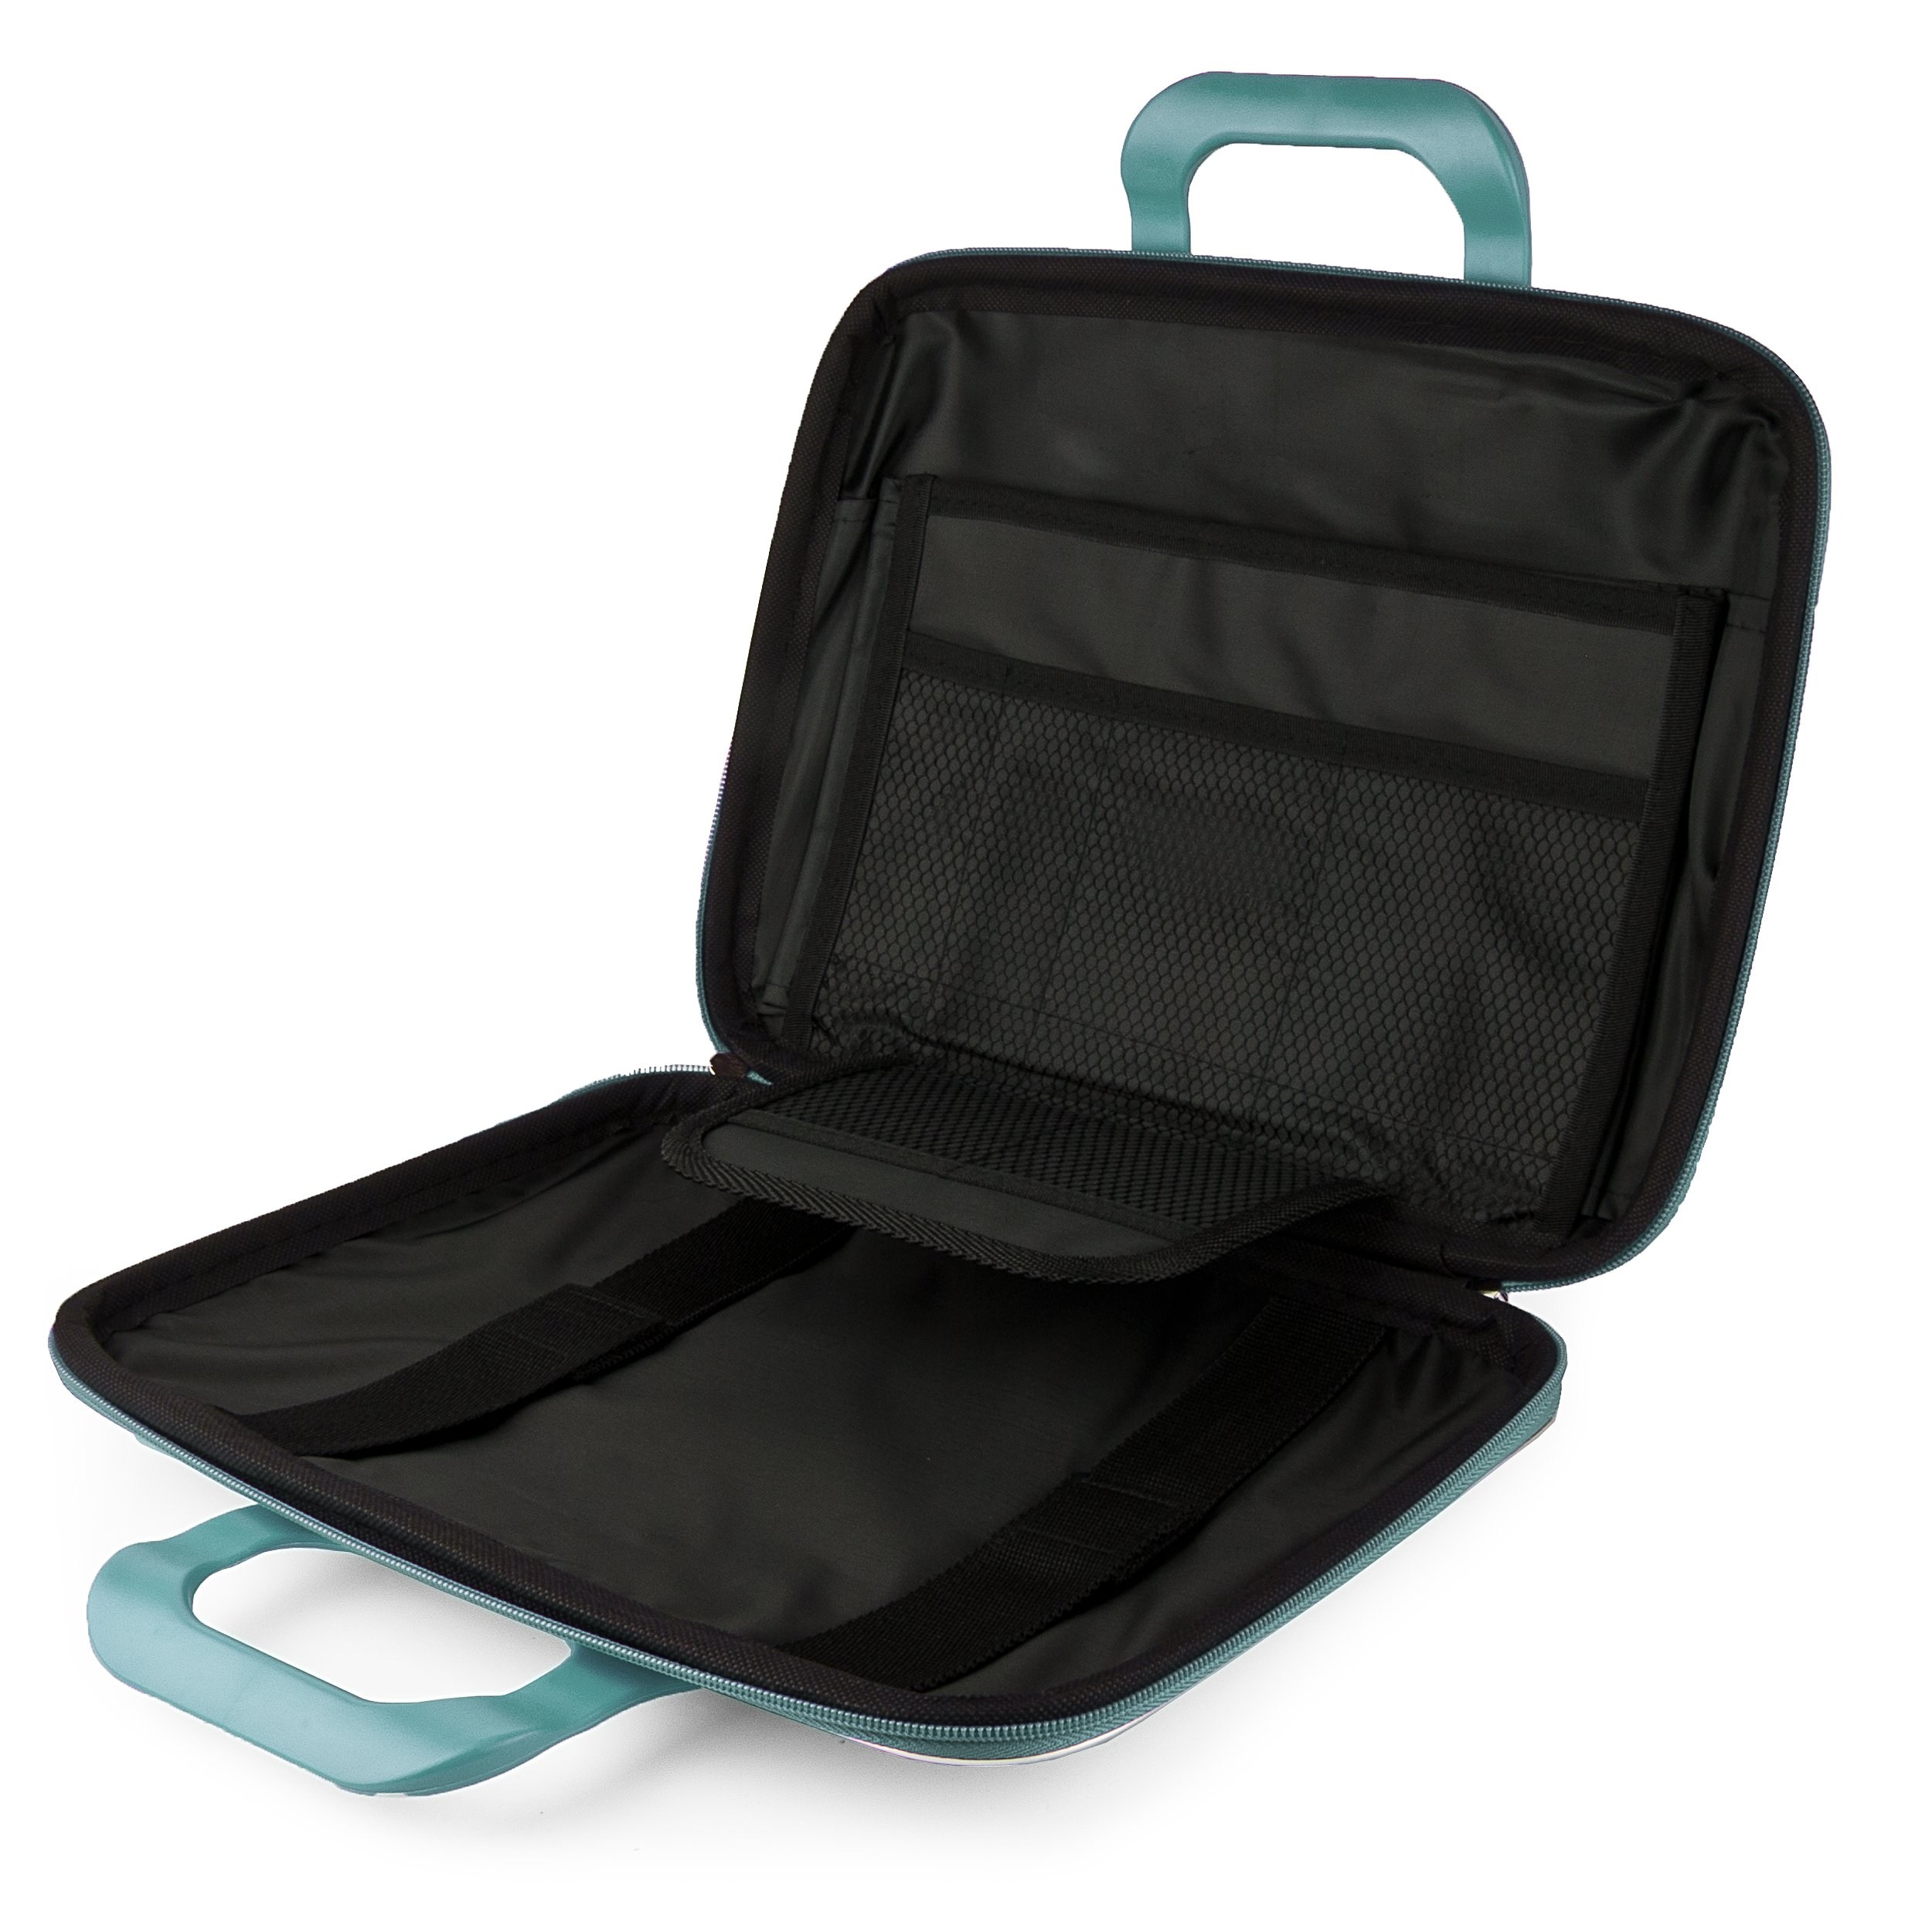 Blue 15.6 Inch Lenovo Ideal Pad / Flex / ThinkPad / Yoga / Y50 G50 Edge Laptop Briefcase by SMSL